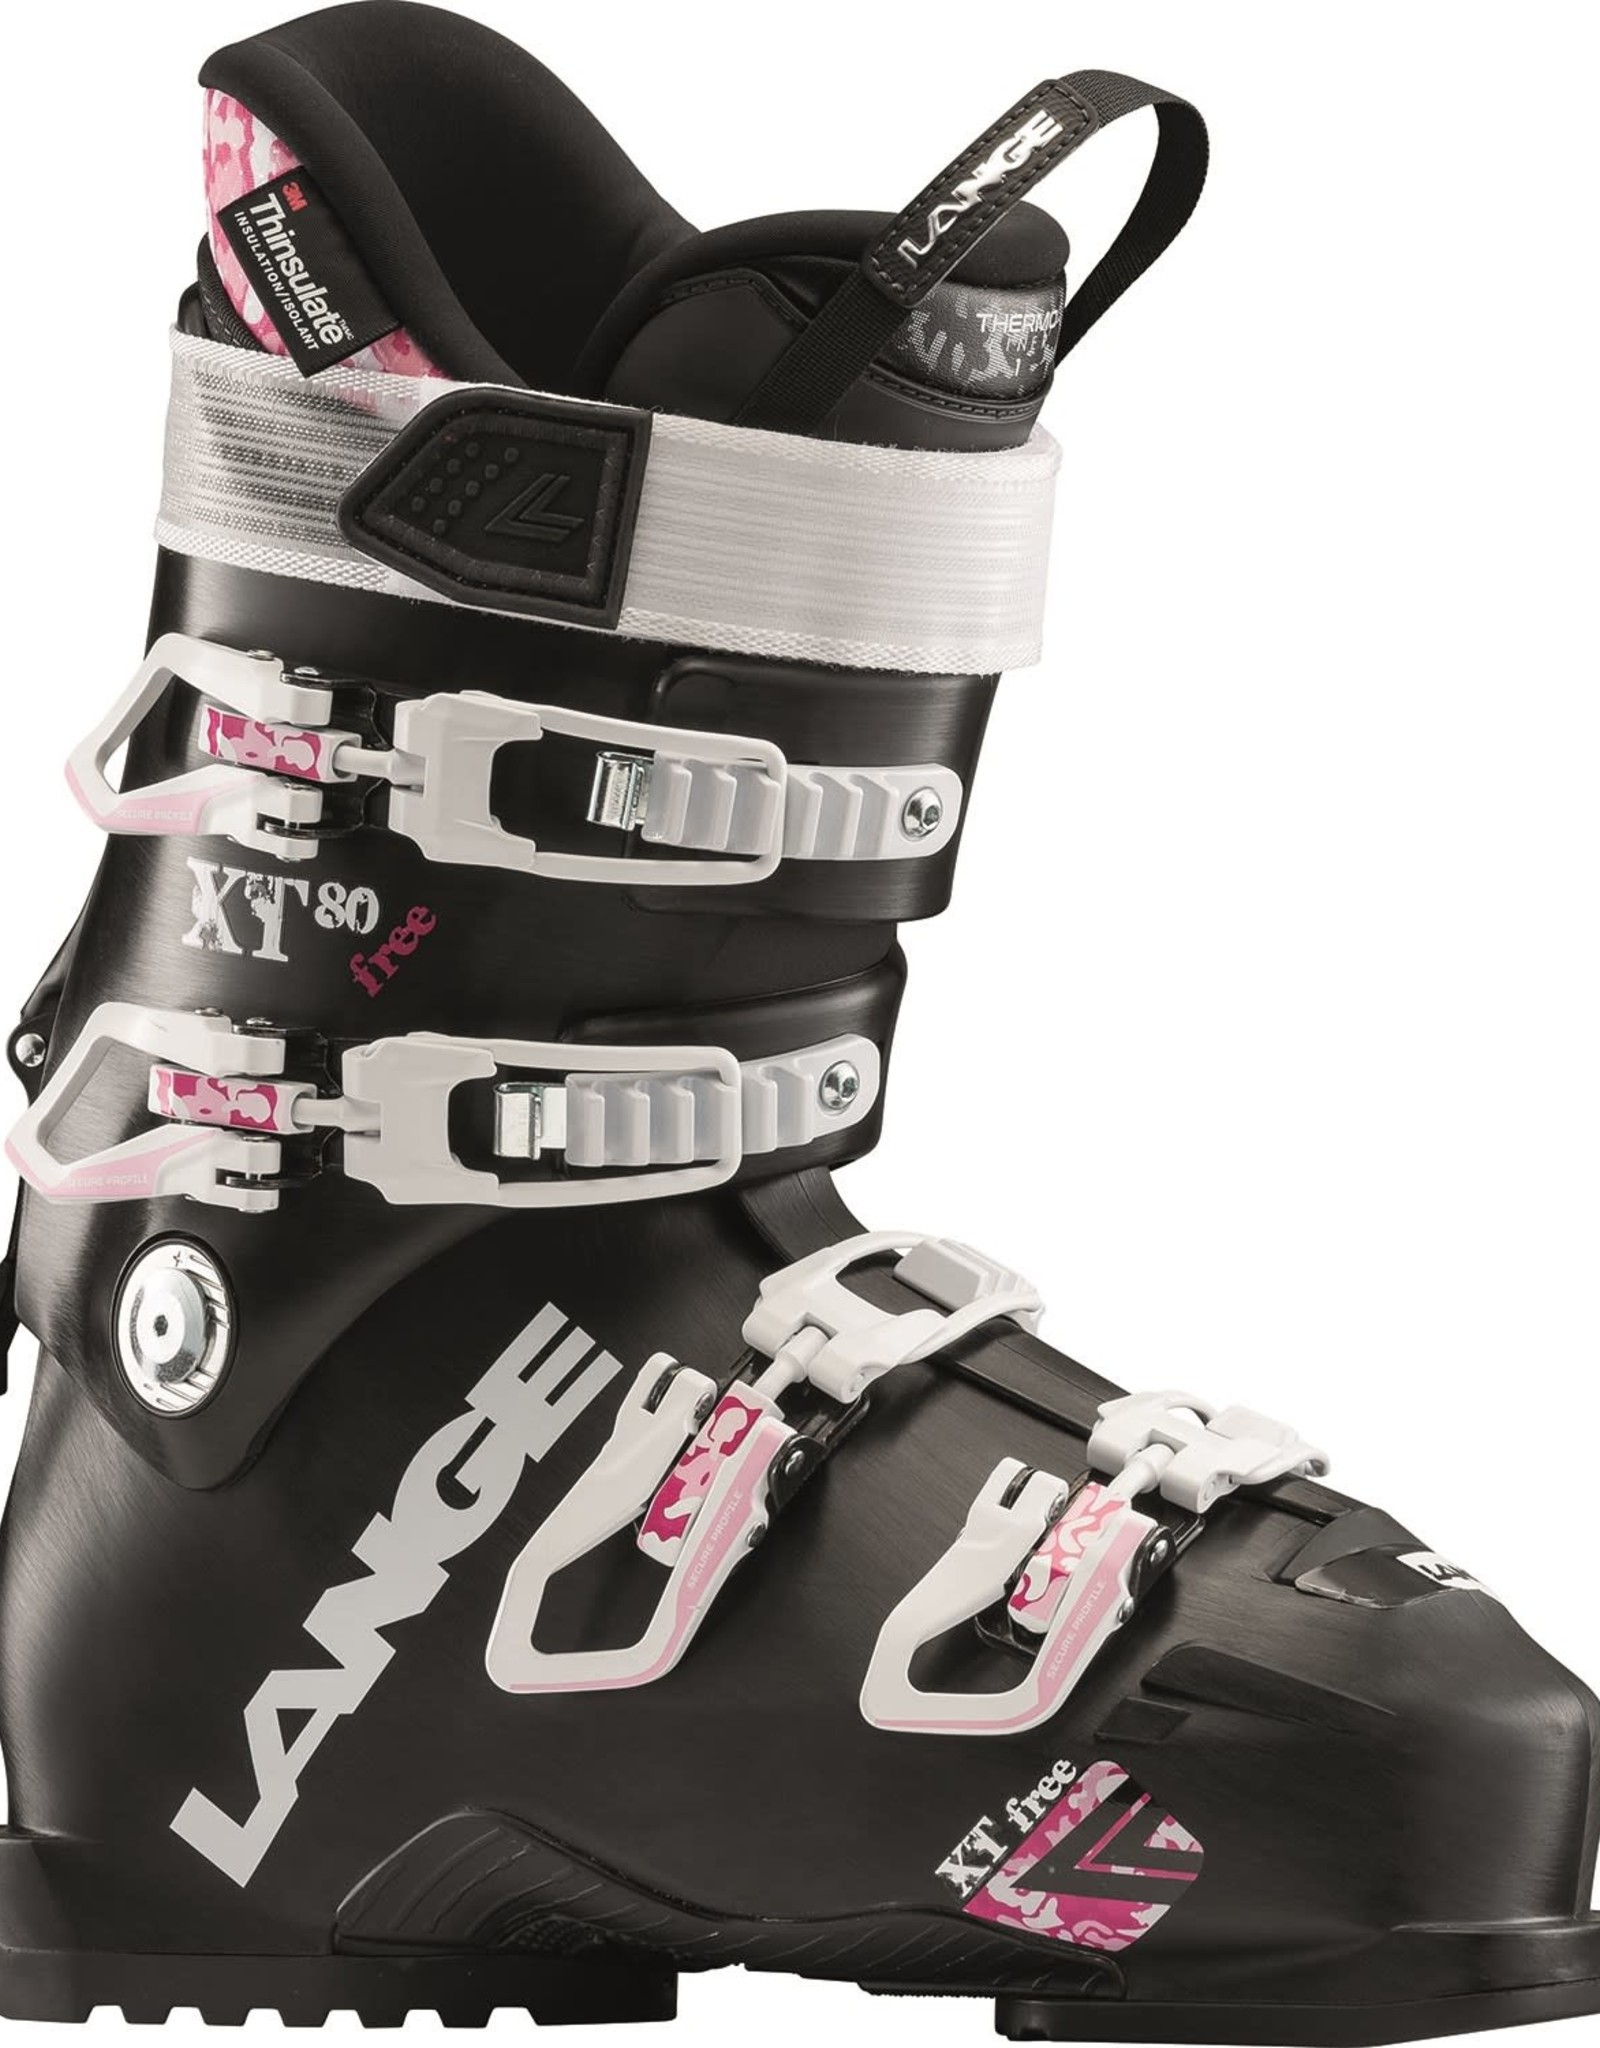 Lange LANGE Ski Boots XT 80 W L.V. FREE (19/20)